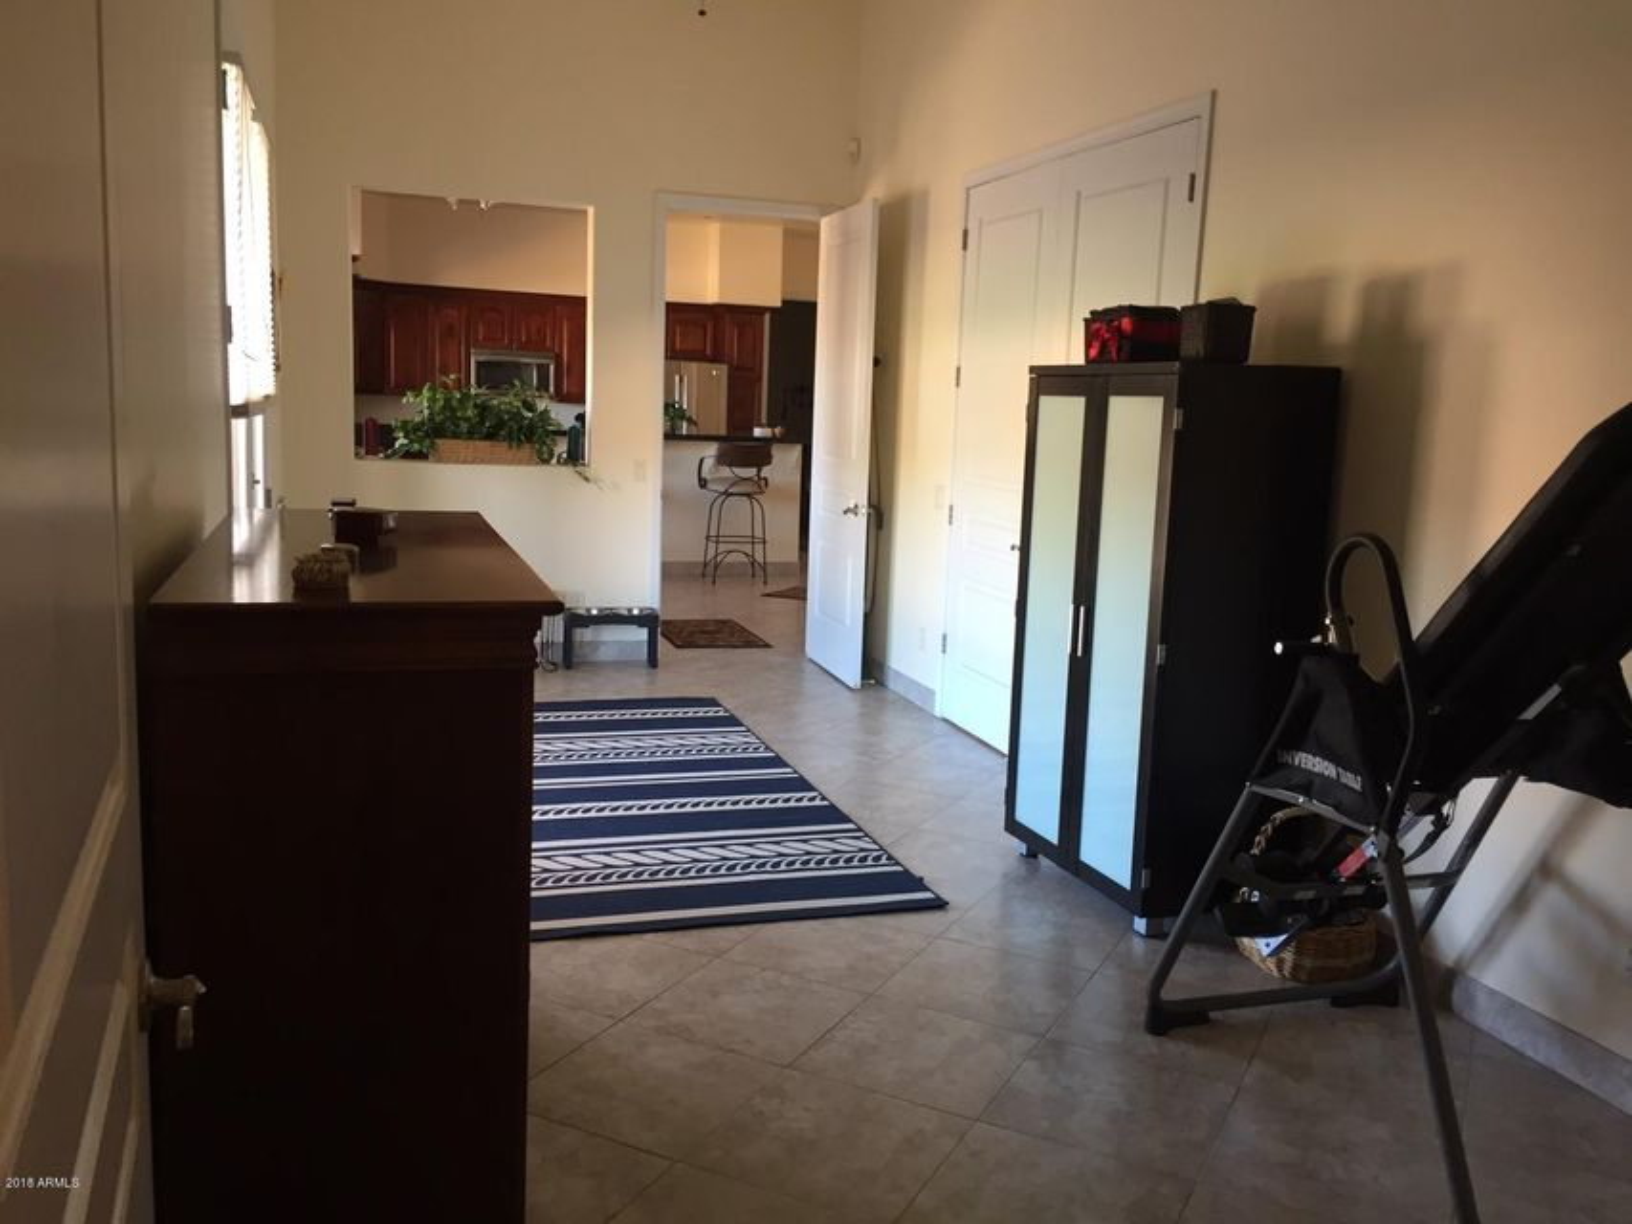 MLS 5779171 19434 W MINNEZONA Avenue, Litchfield Park, AZ 85340 Litchfield Park AZ Mountain View